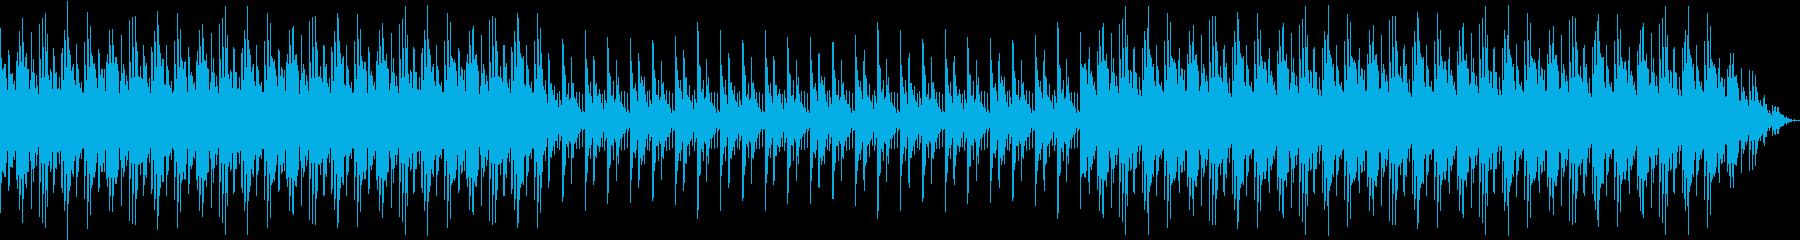 琴 和風 お洒落 メロディアスの再生済みの波形